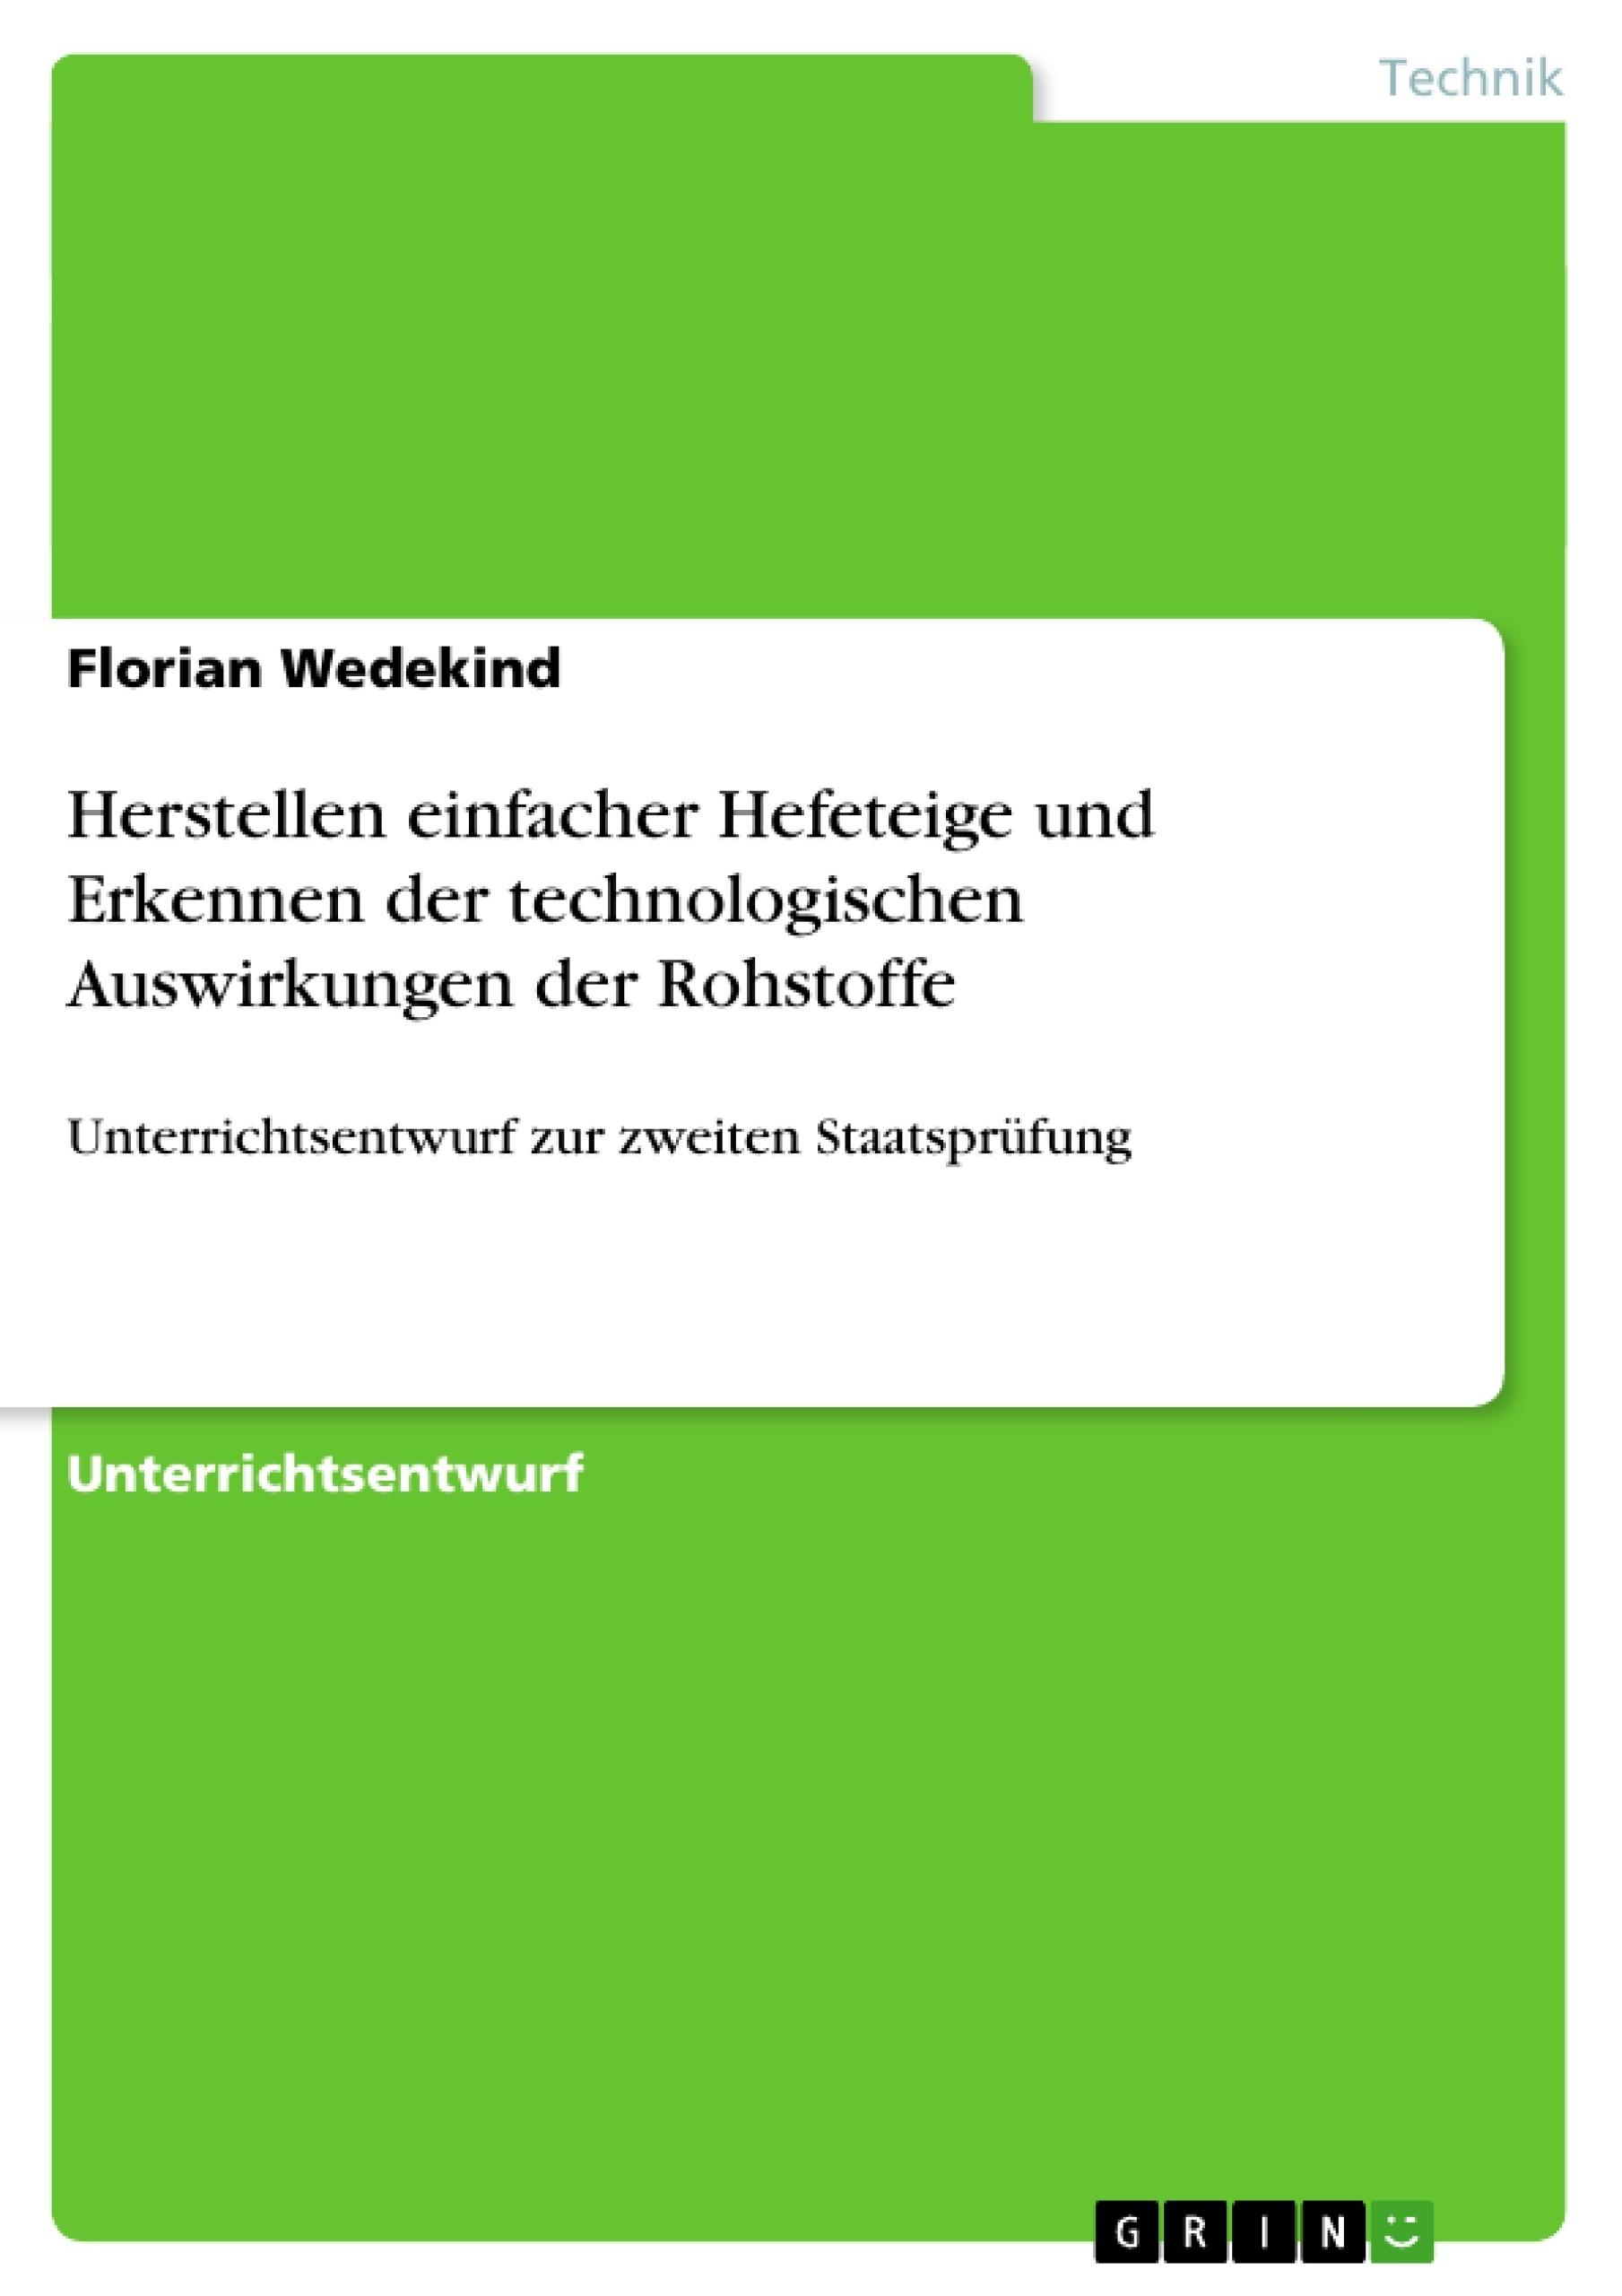 Titel: Herstellen einfacher Hefeteige und Erkennen der technologischen Auswirkungen der Rohstoffe